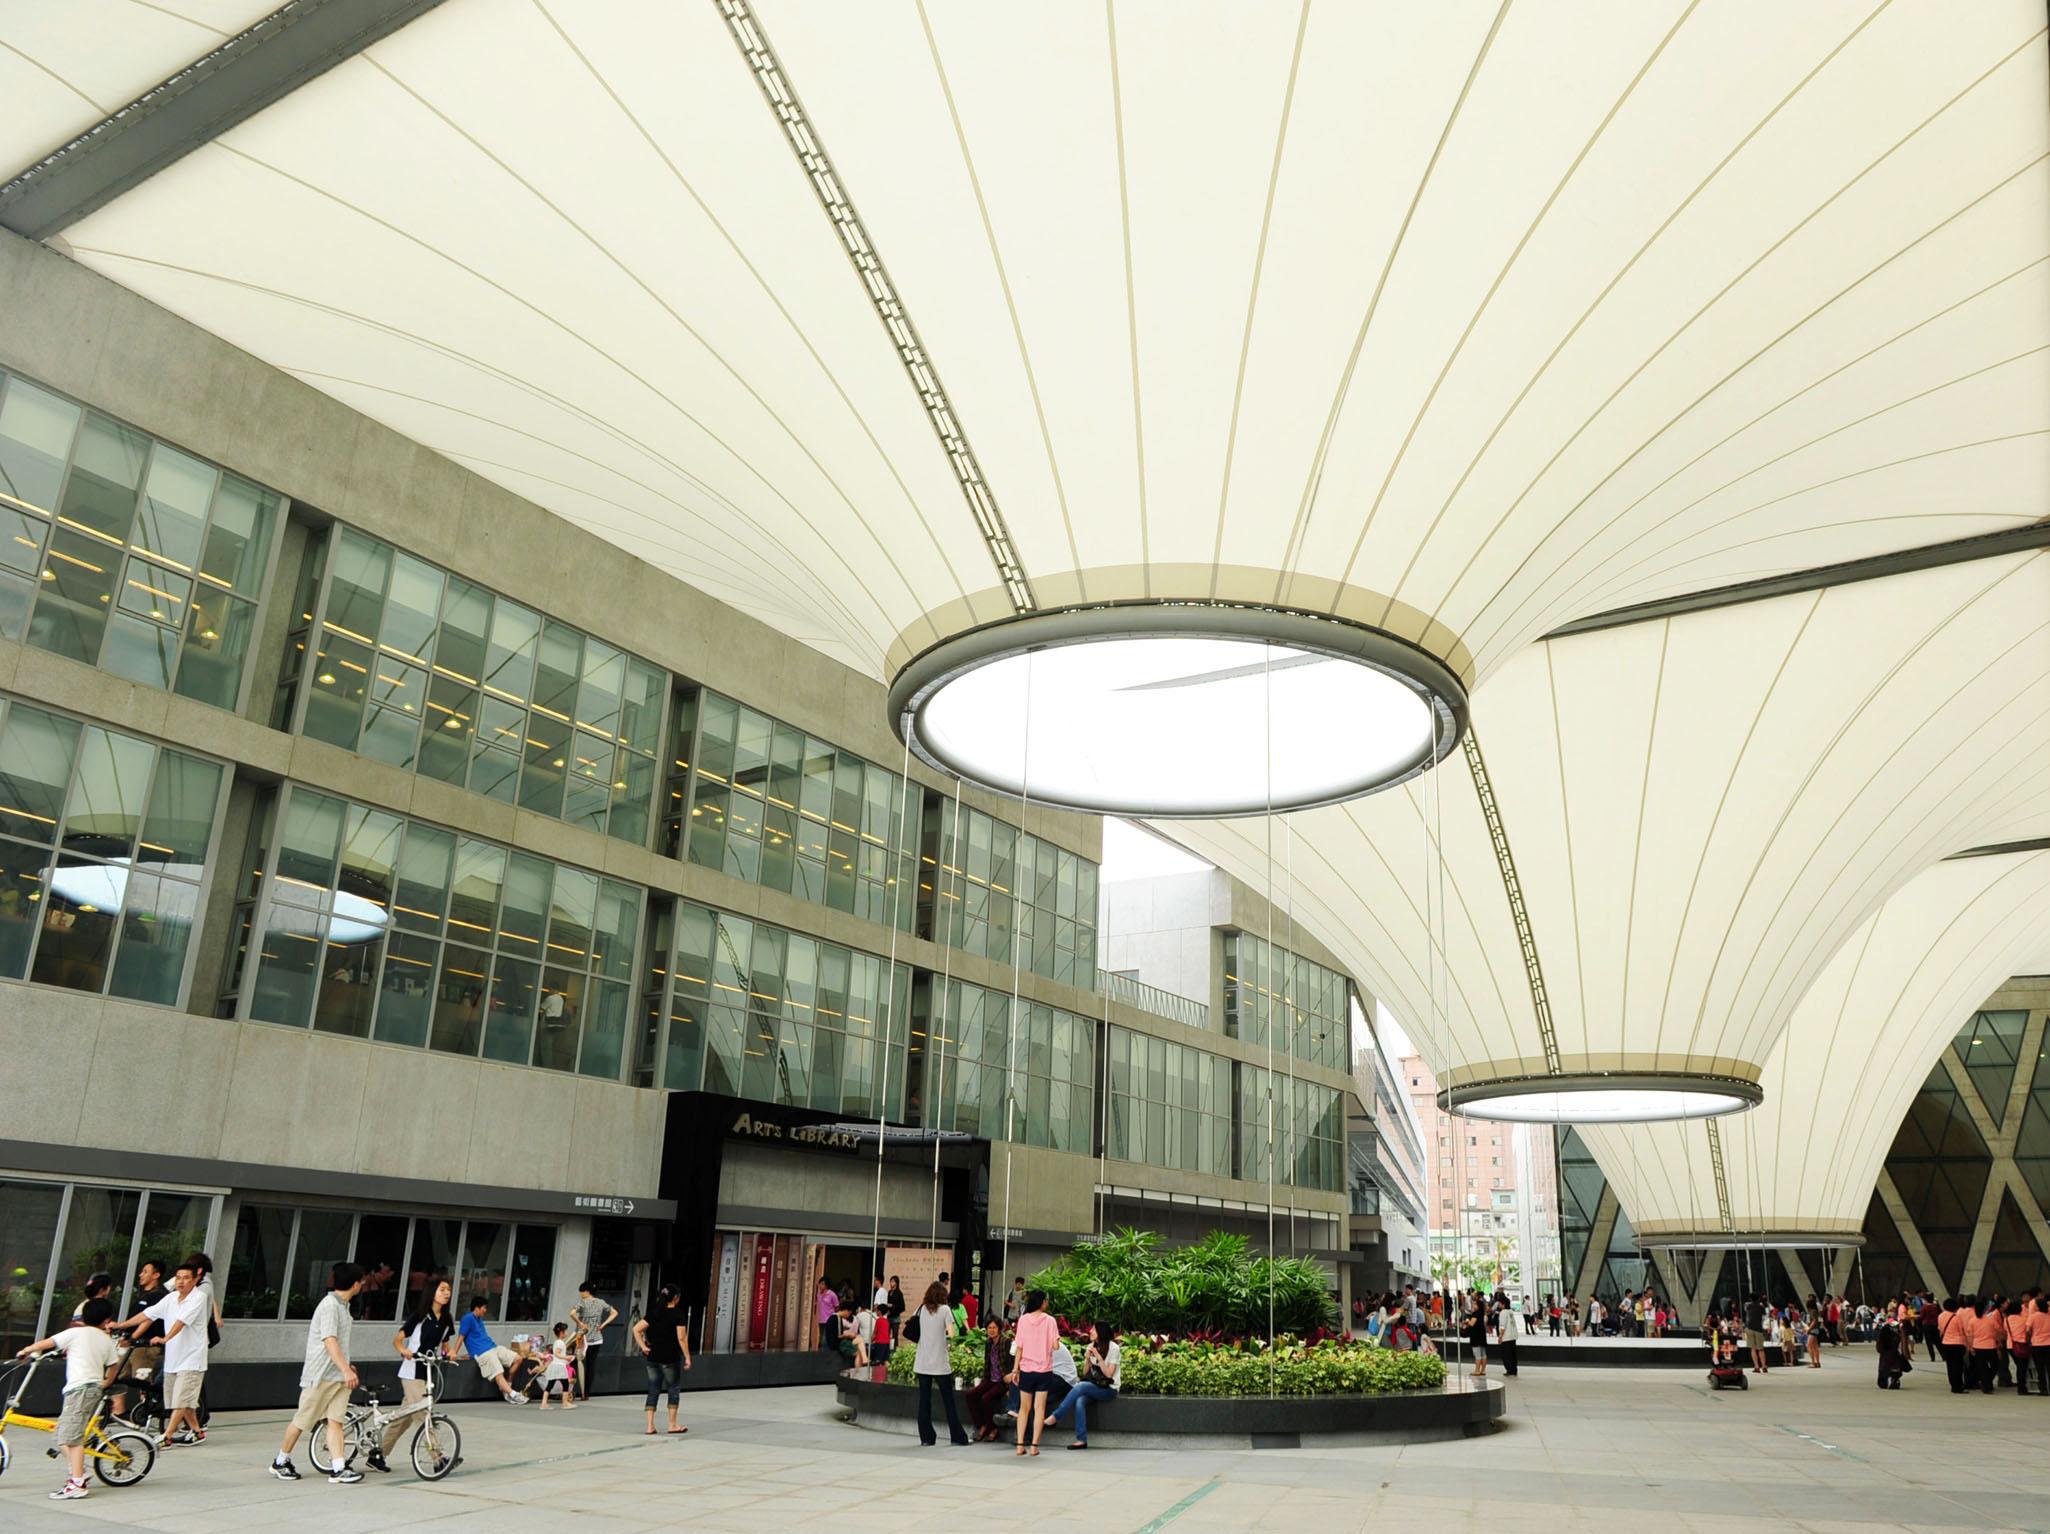 大東文化藝術中心是鳳山新地標與休閒好去處。(圖/鮑忠暉 攝)